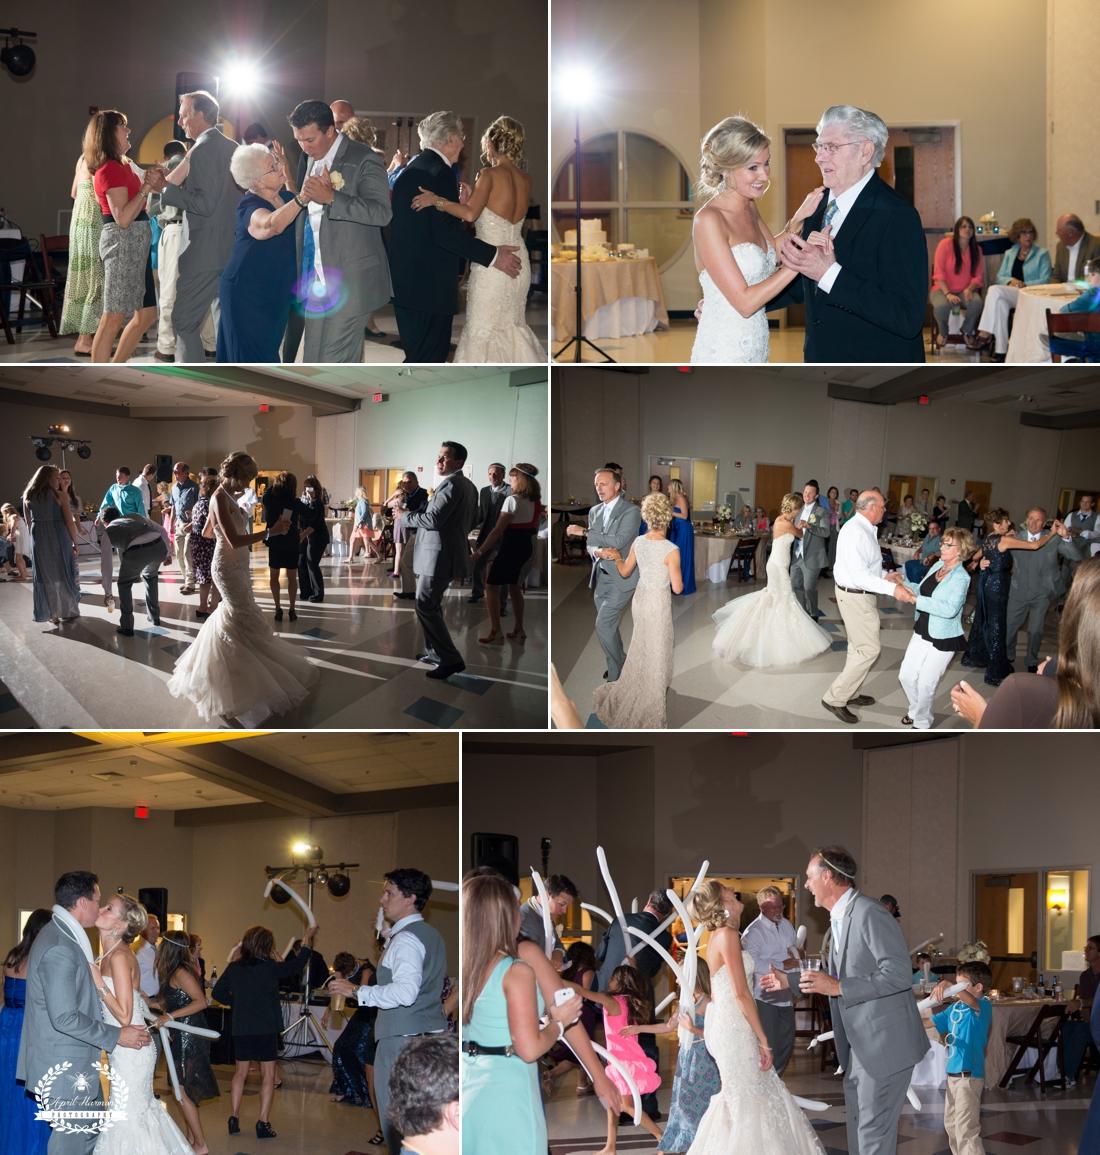 southwest-wedding-photography2.jpg